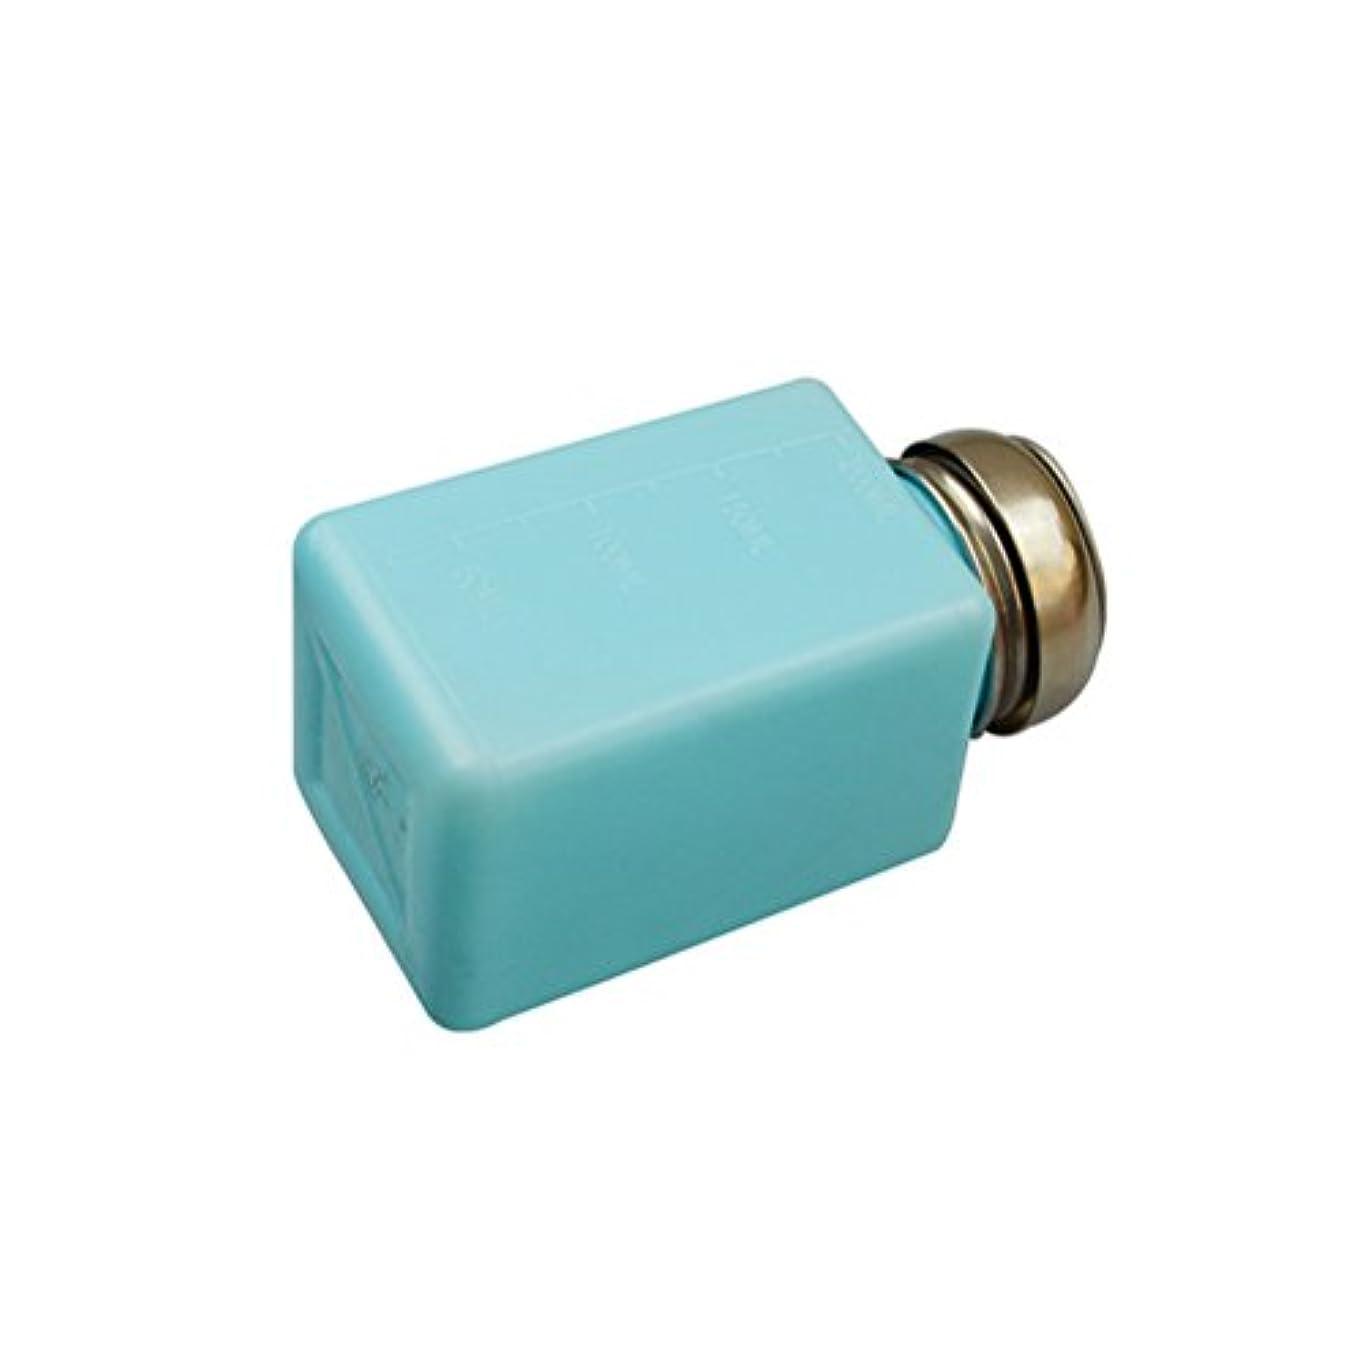 考古学的な全体聞きますBESTOMZ アルコールボトル 便利 クレンジングオイル 小分け容器 静電防止 200ML(青)